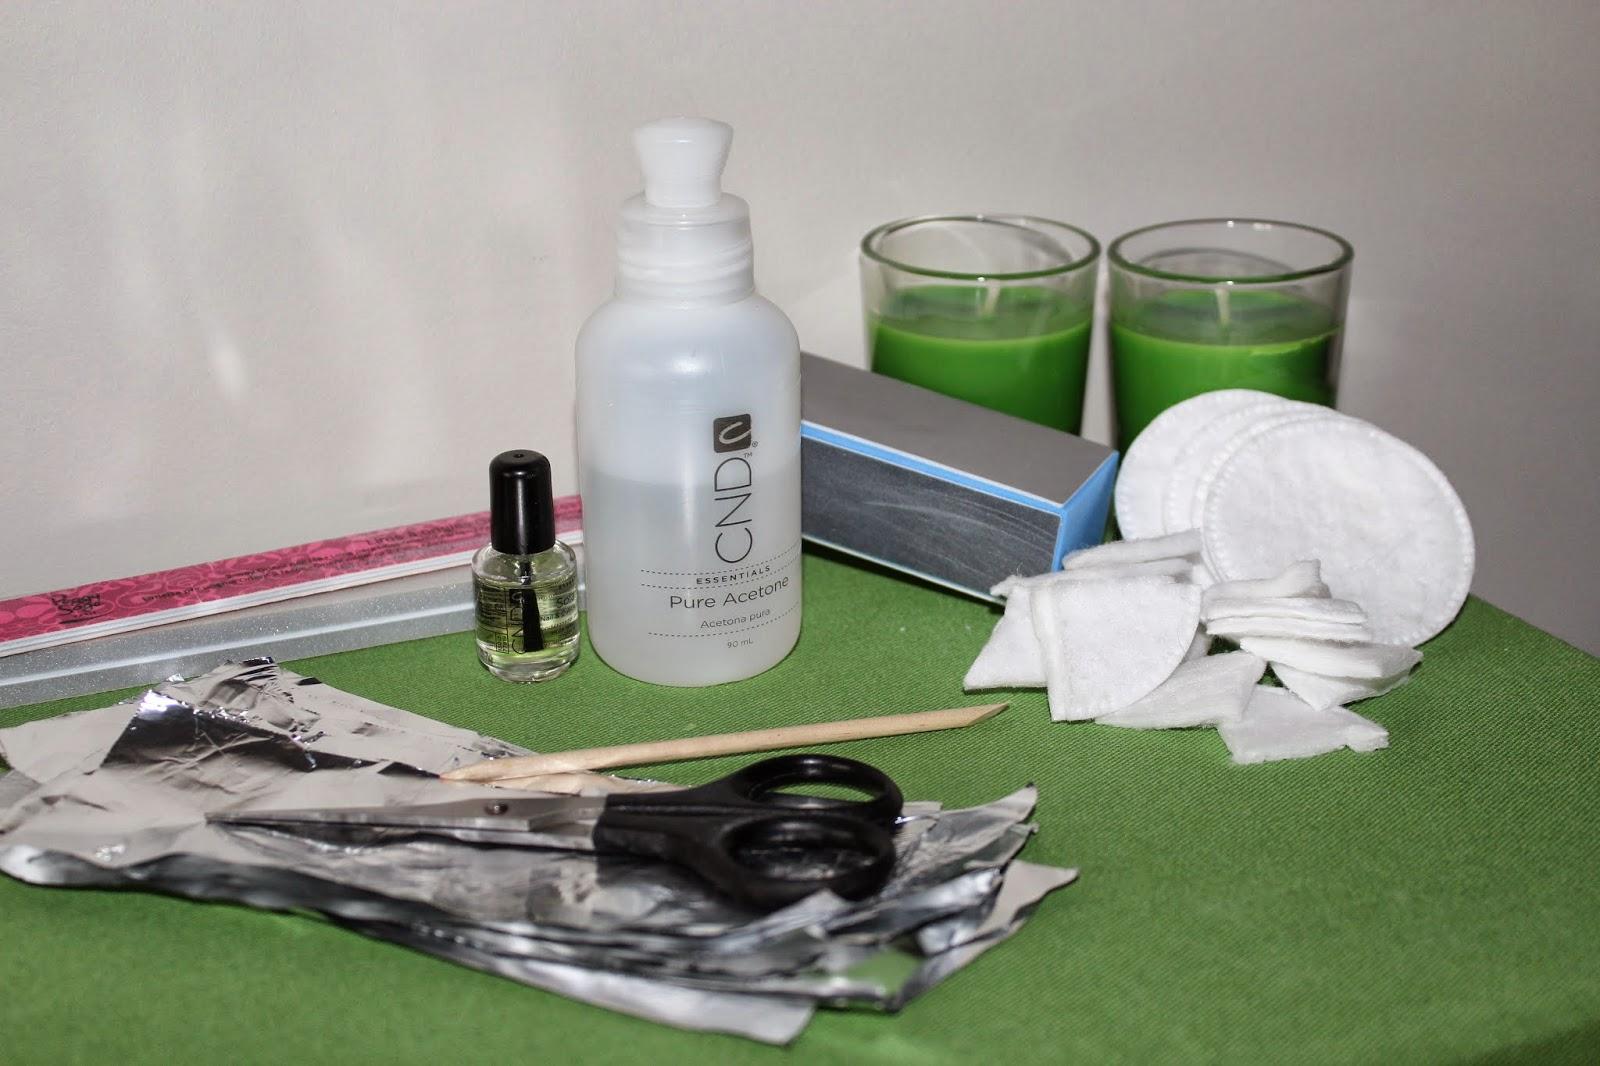 Como quitar el esmalte semipermanente | De crisálida a mariposa